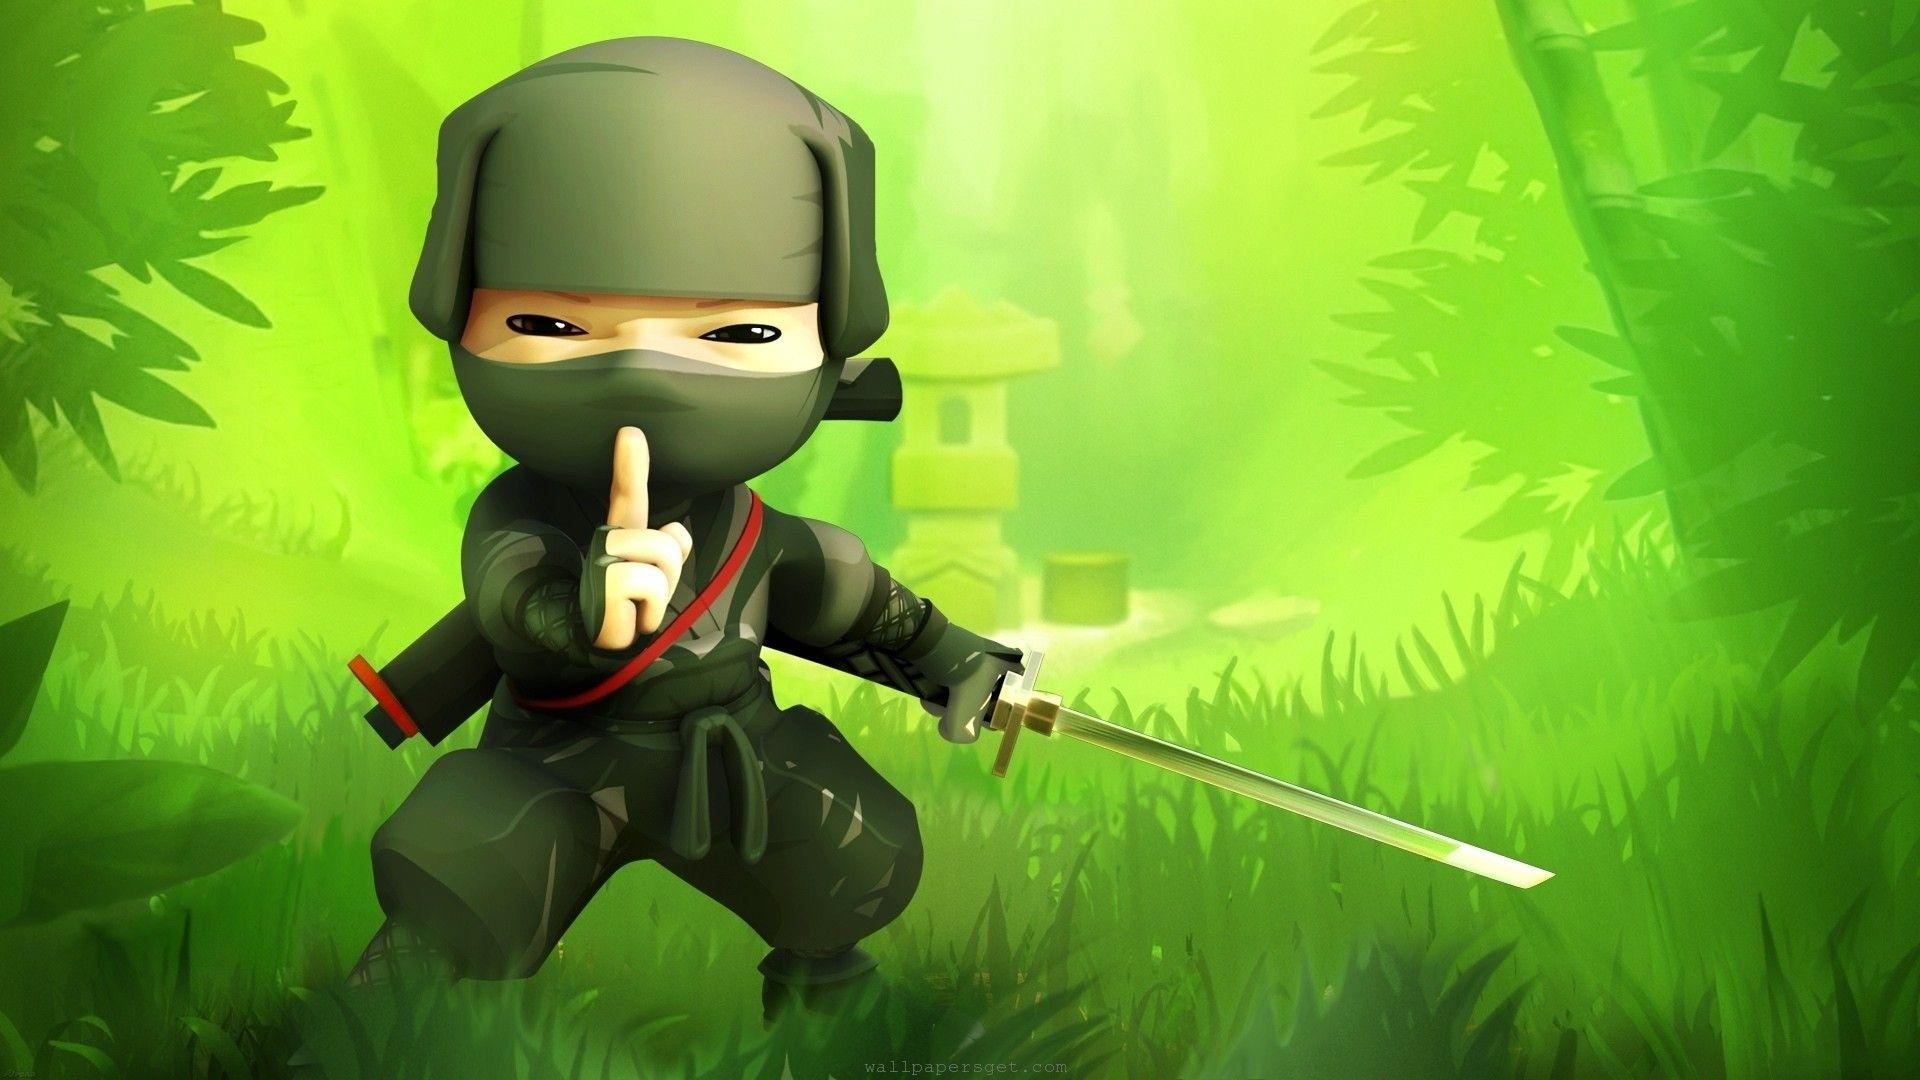 Cute anime ninja image hd wallpaper 3731 cute wallpaper - Ninja anime wallpaper ...